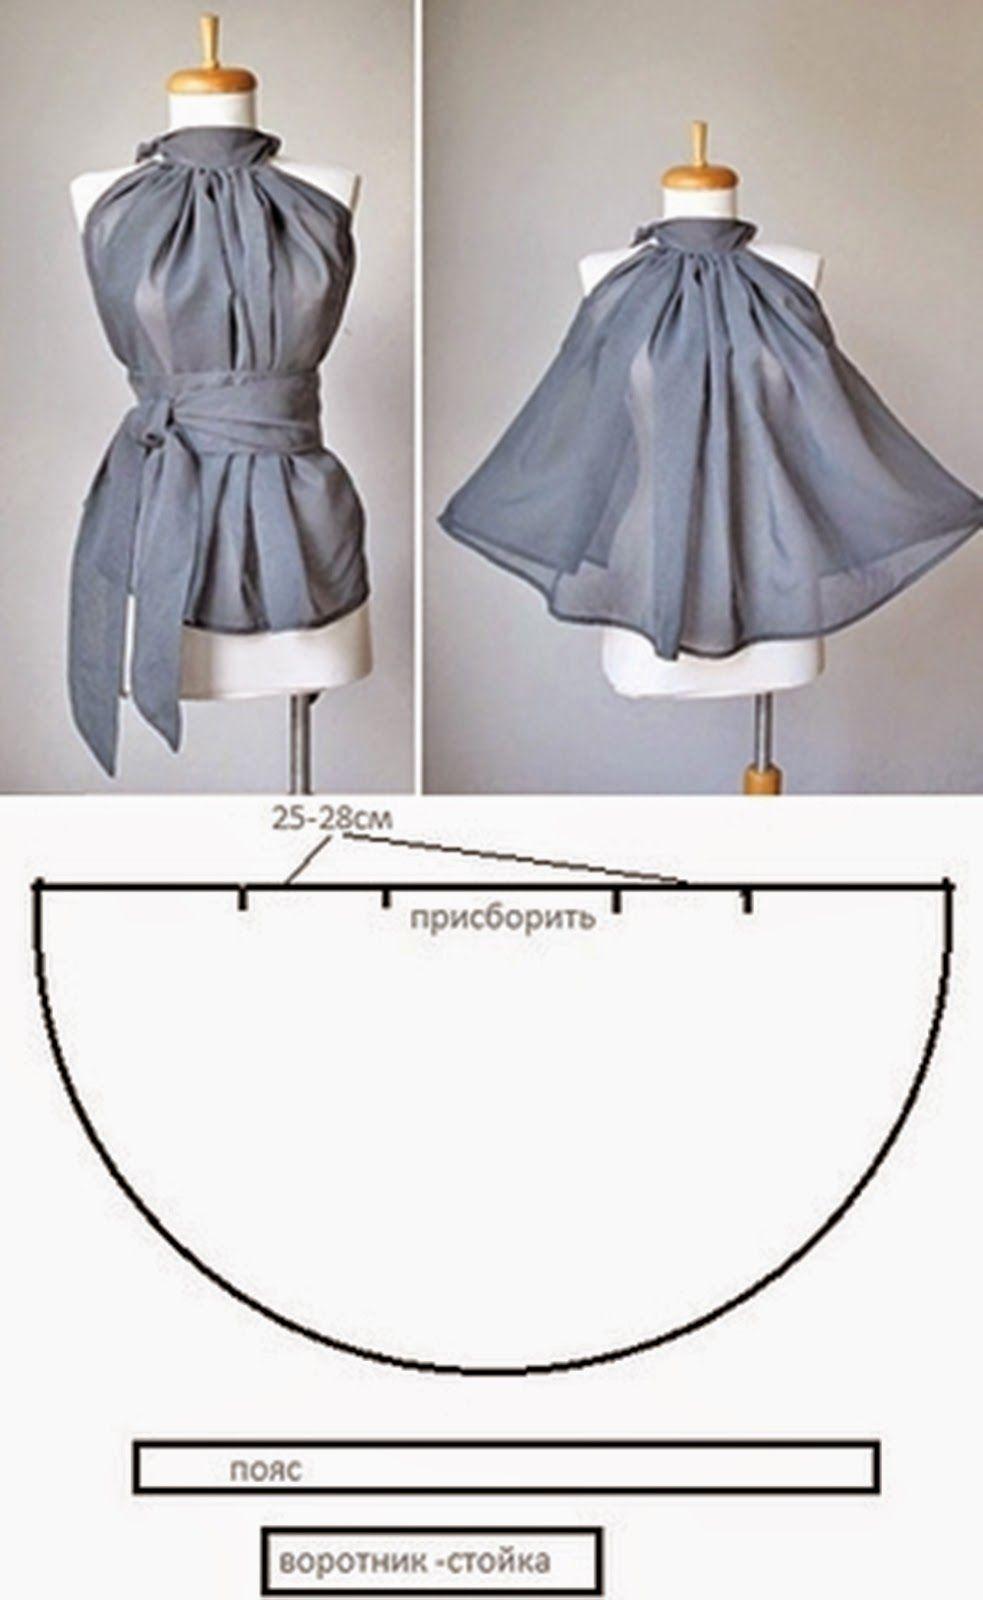 Egyszerű szabásmintájú ruhák